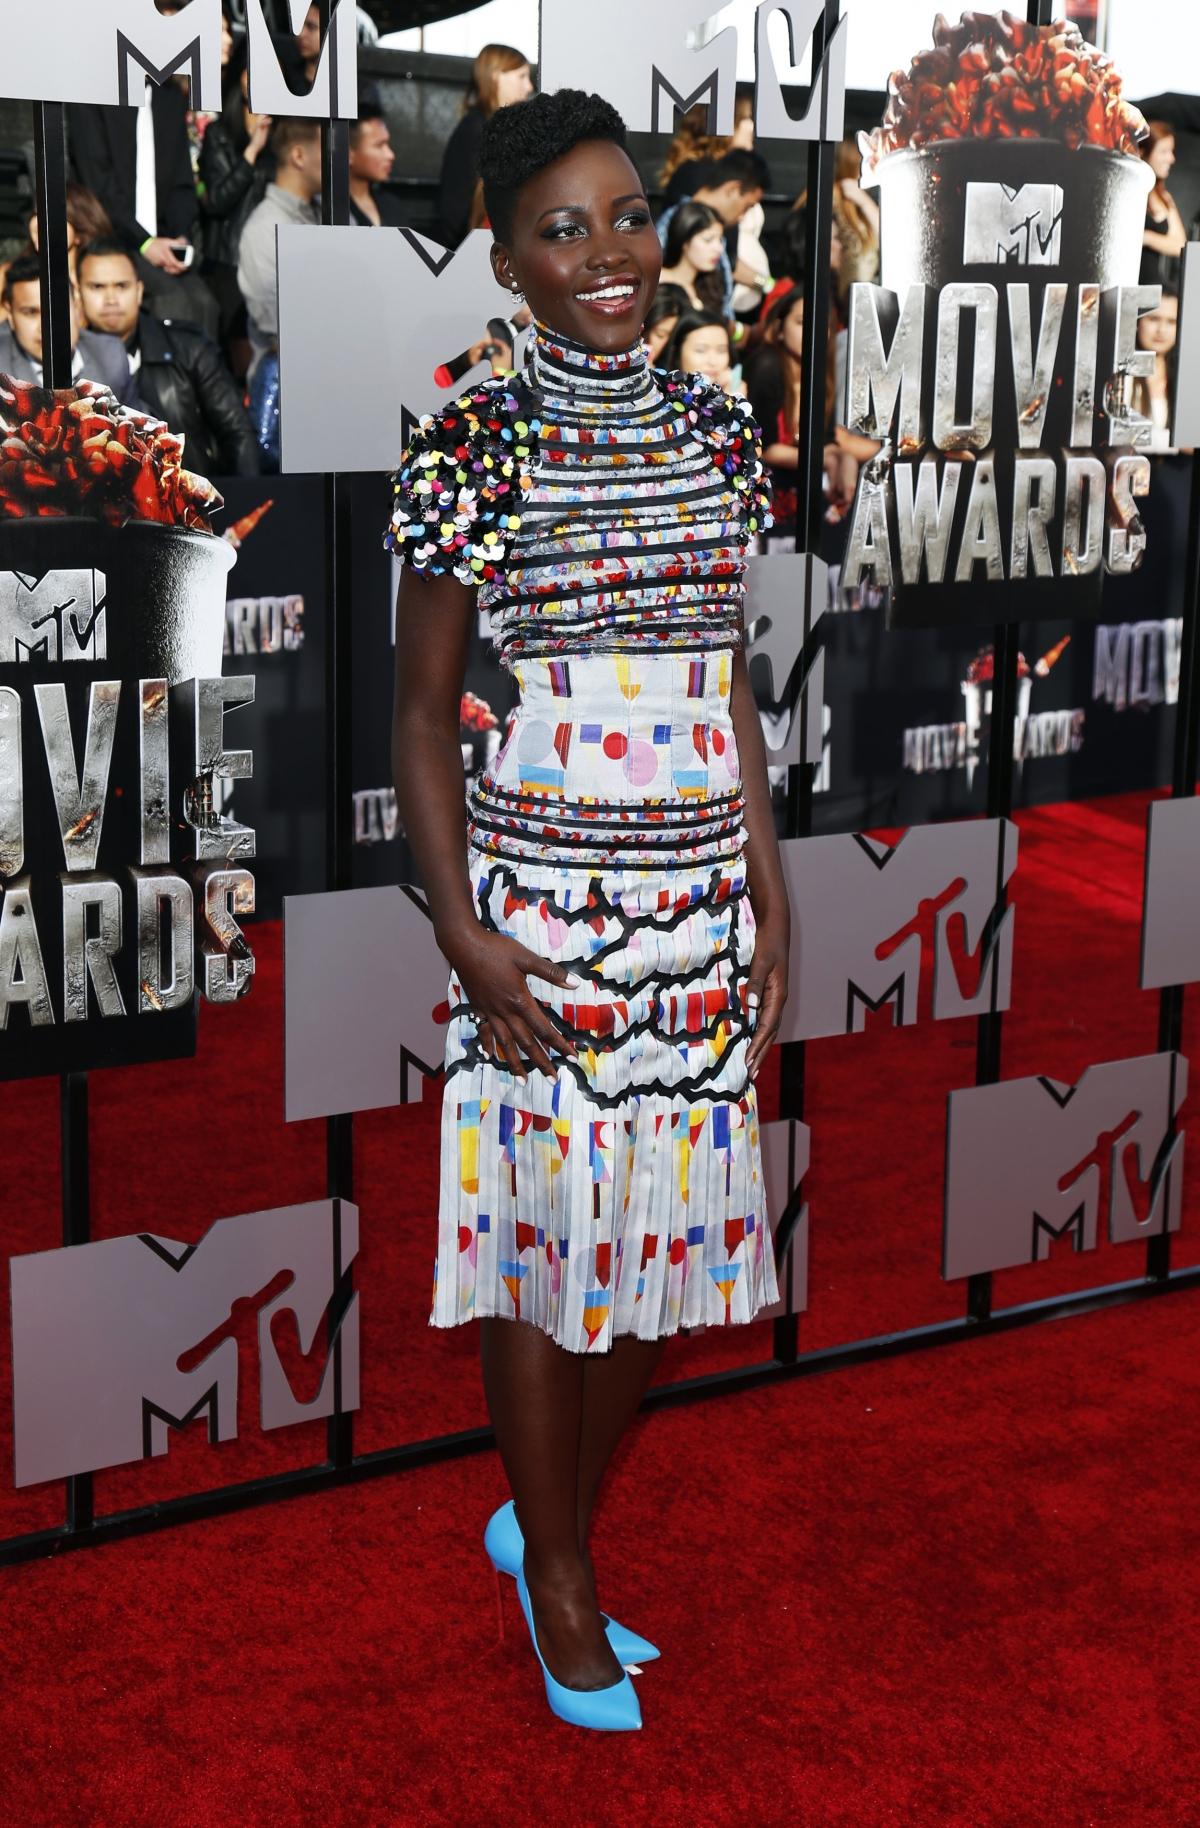 Actress Lupita Nyong'o arrives at the 2014 MTV Movie Awards in Los Angeles, California.